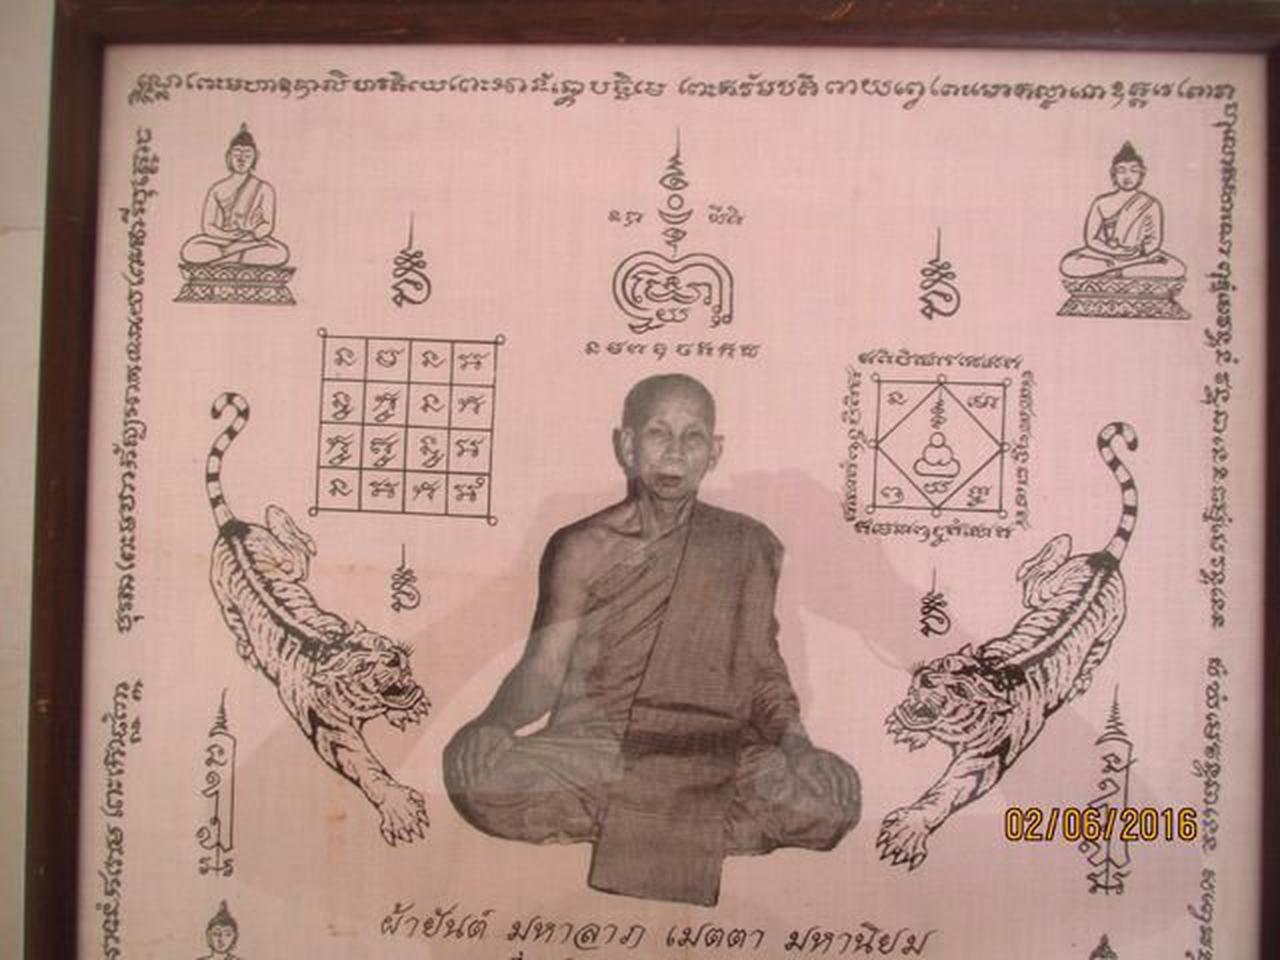 3471 ผ้ายันต์มหาลาภ เมตตา มหานิยม หลวงพ่อดี วัดหนองจอก ปี 25 รูปที่ 1